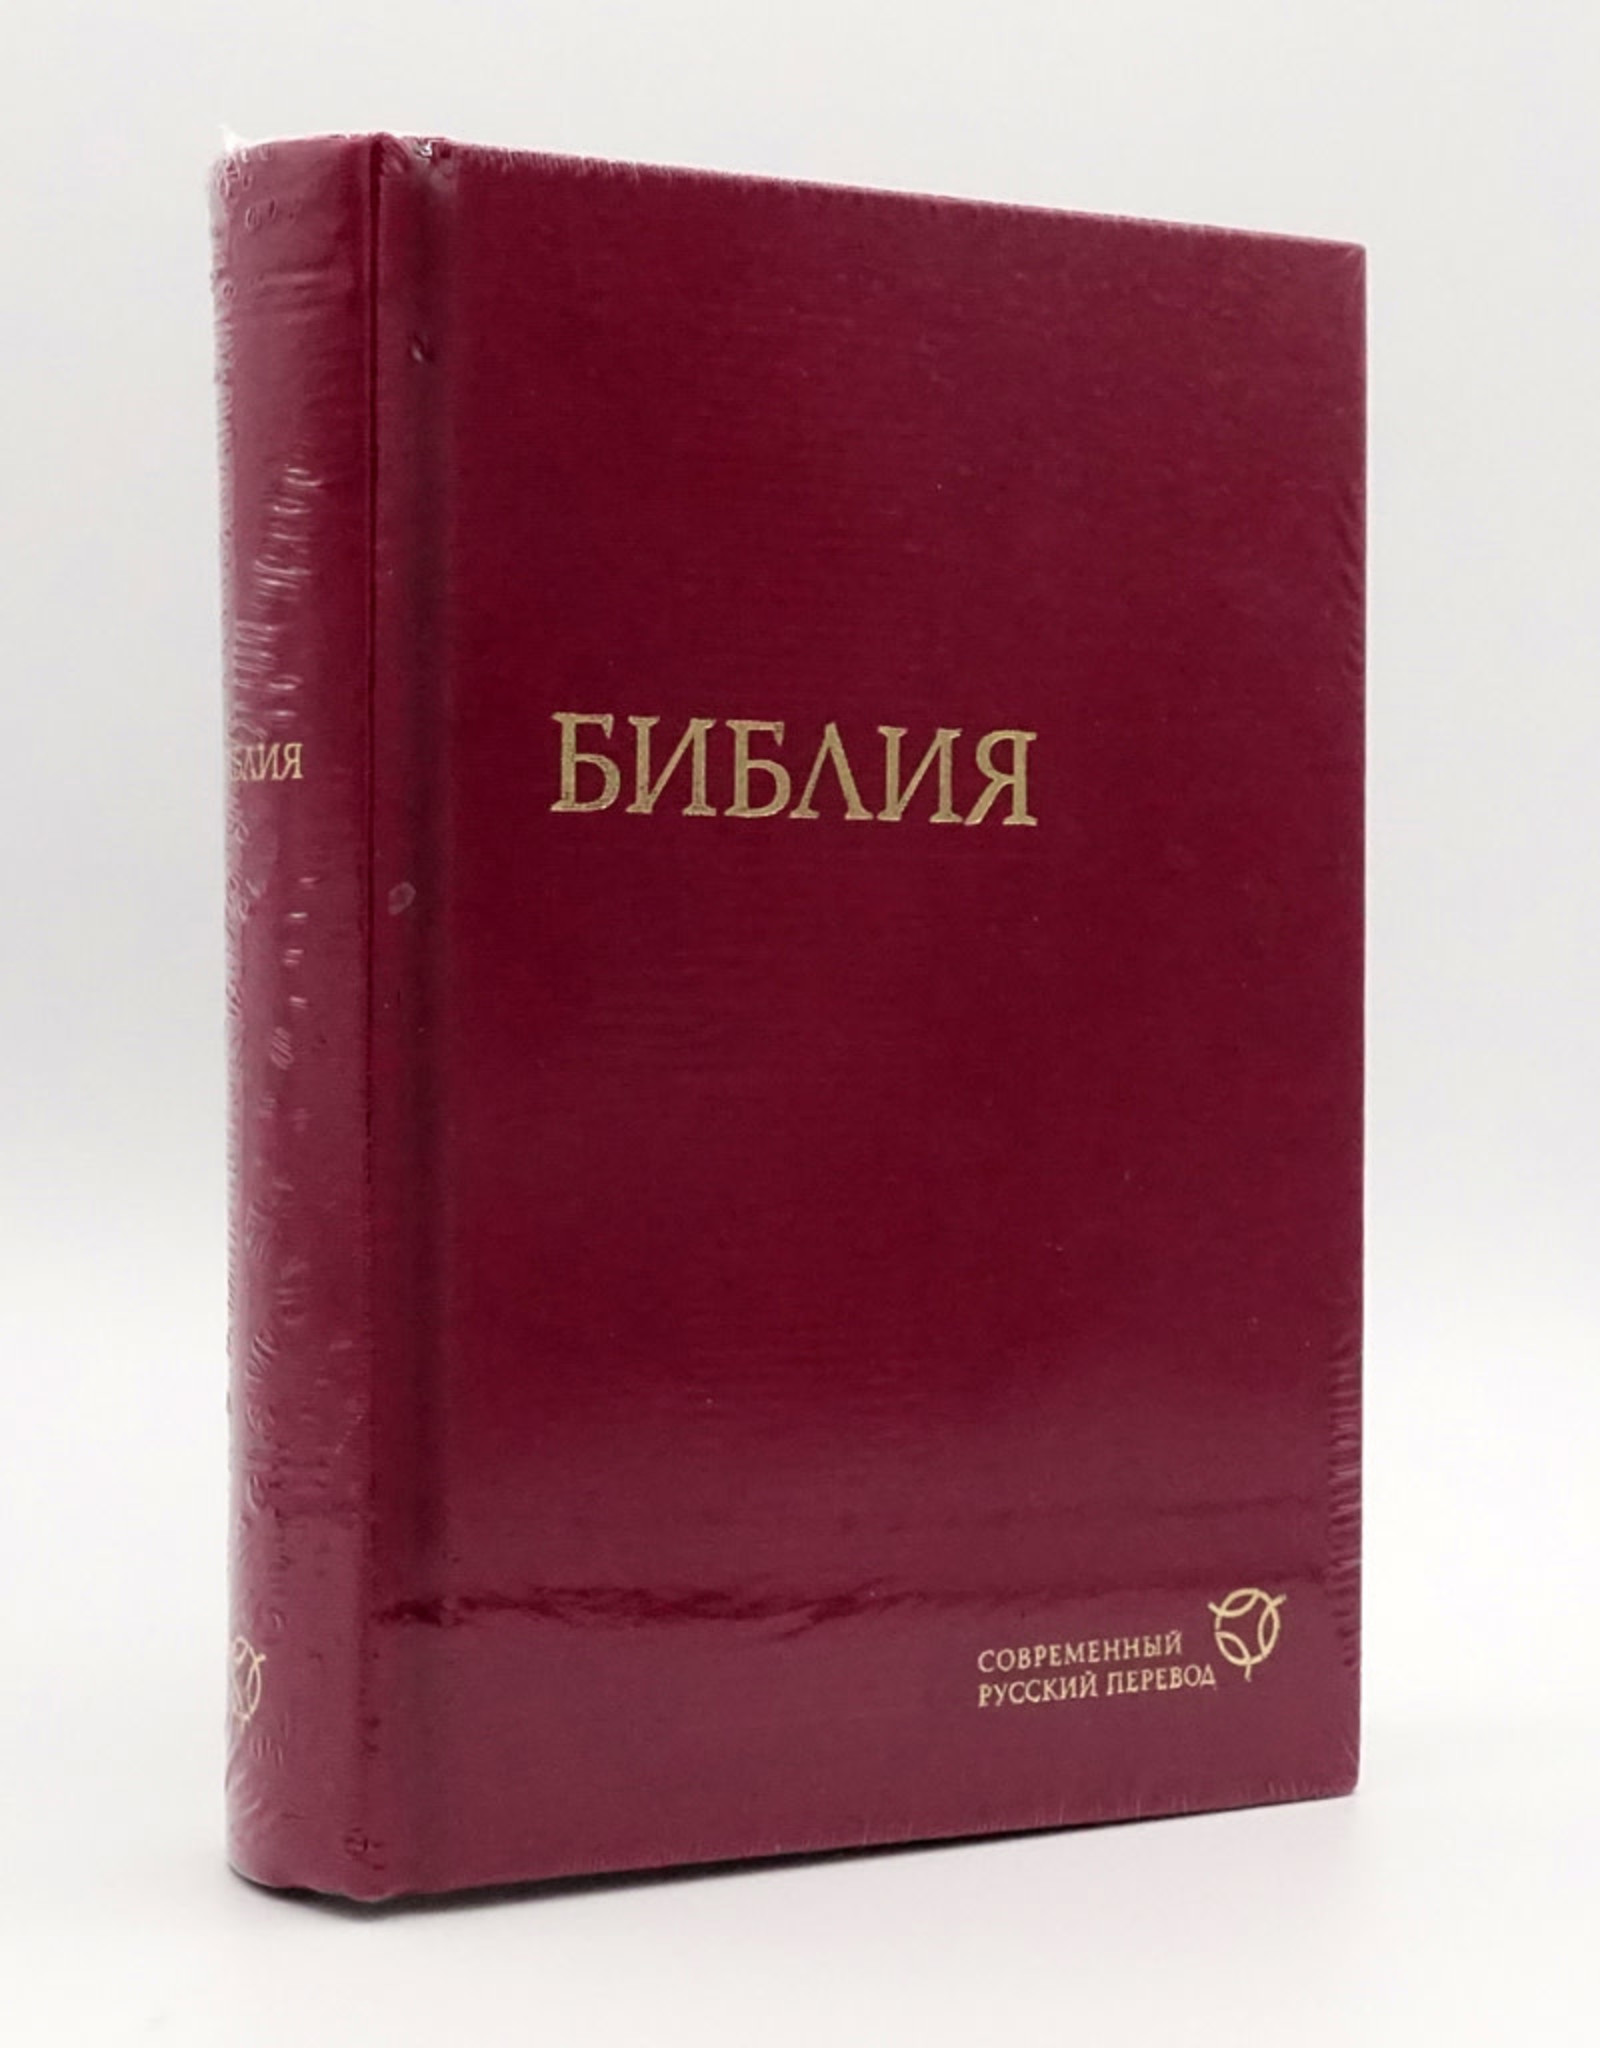 Библия, Современный Русский Перевод, Small,